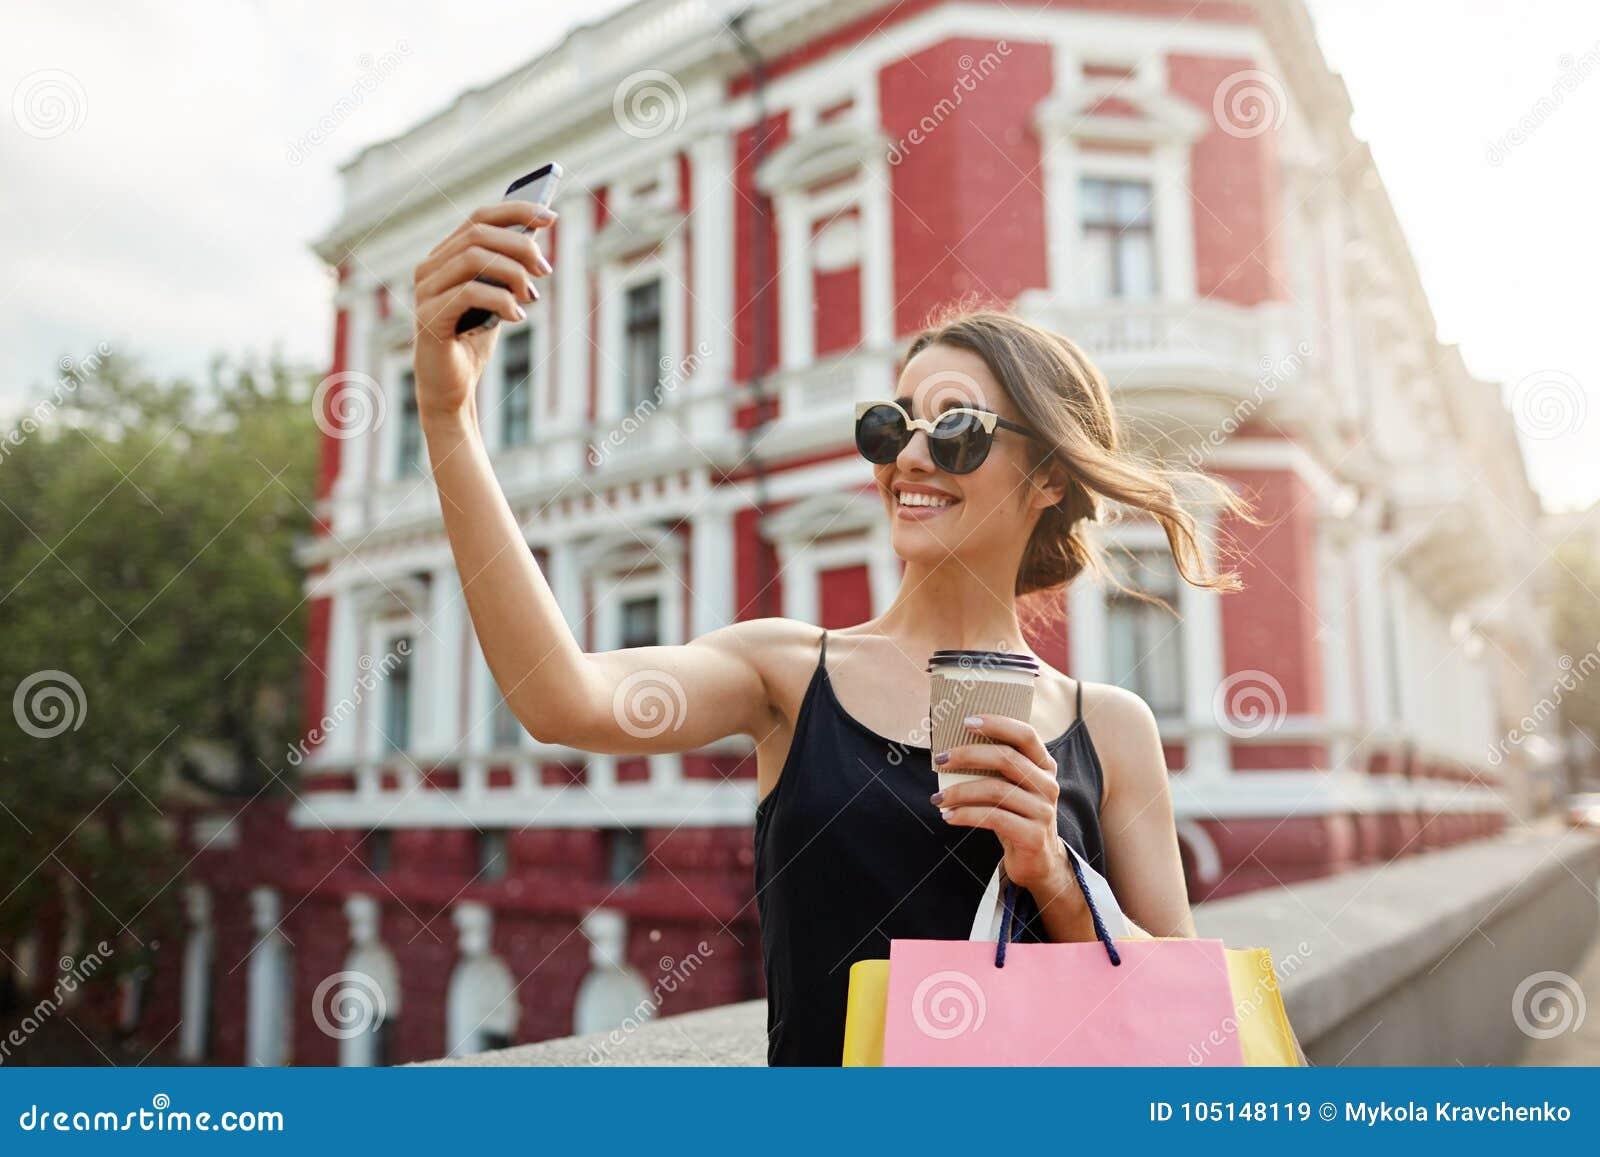 Portret van jong aantrekkelijk vrouwelijk Kaukasisch meisje die met donker haar in tan glazen en zwarte kleding helder glimlachen